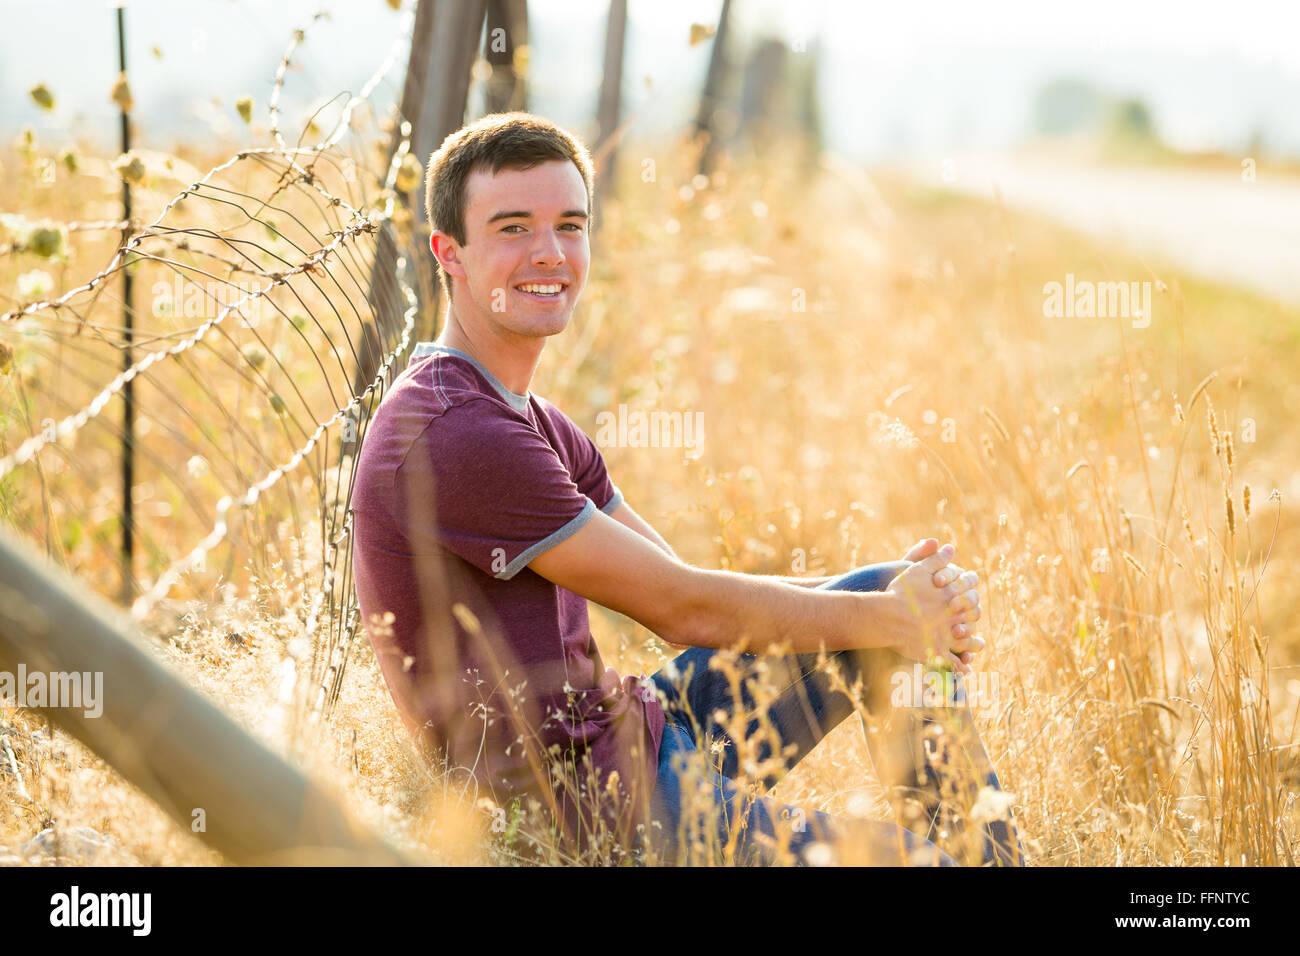 Retrato de un joven que está en el último año de la secundaria en Oregon. Imagen De Stock